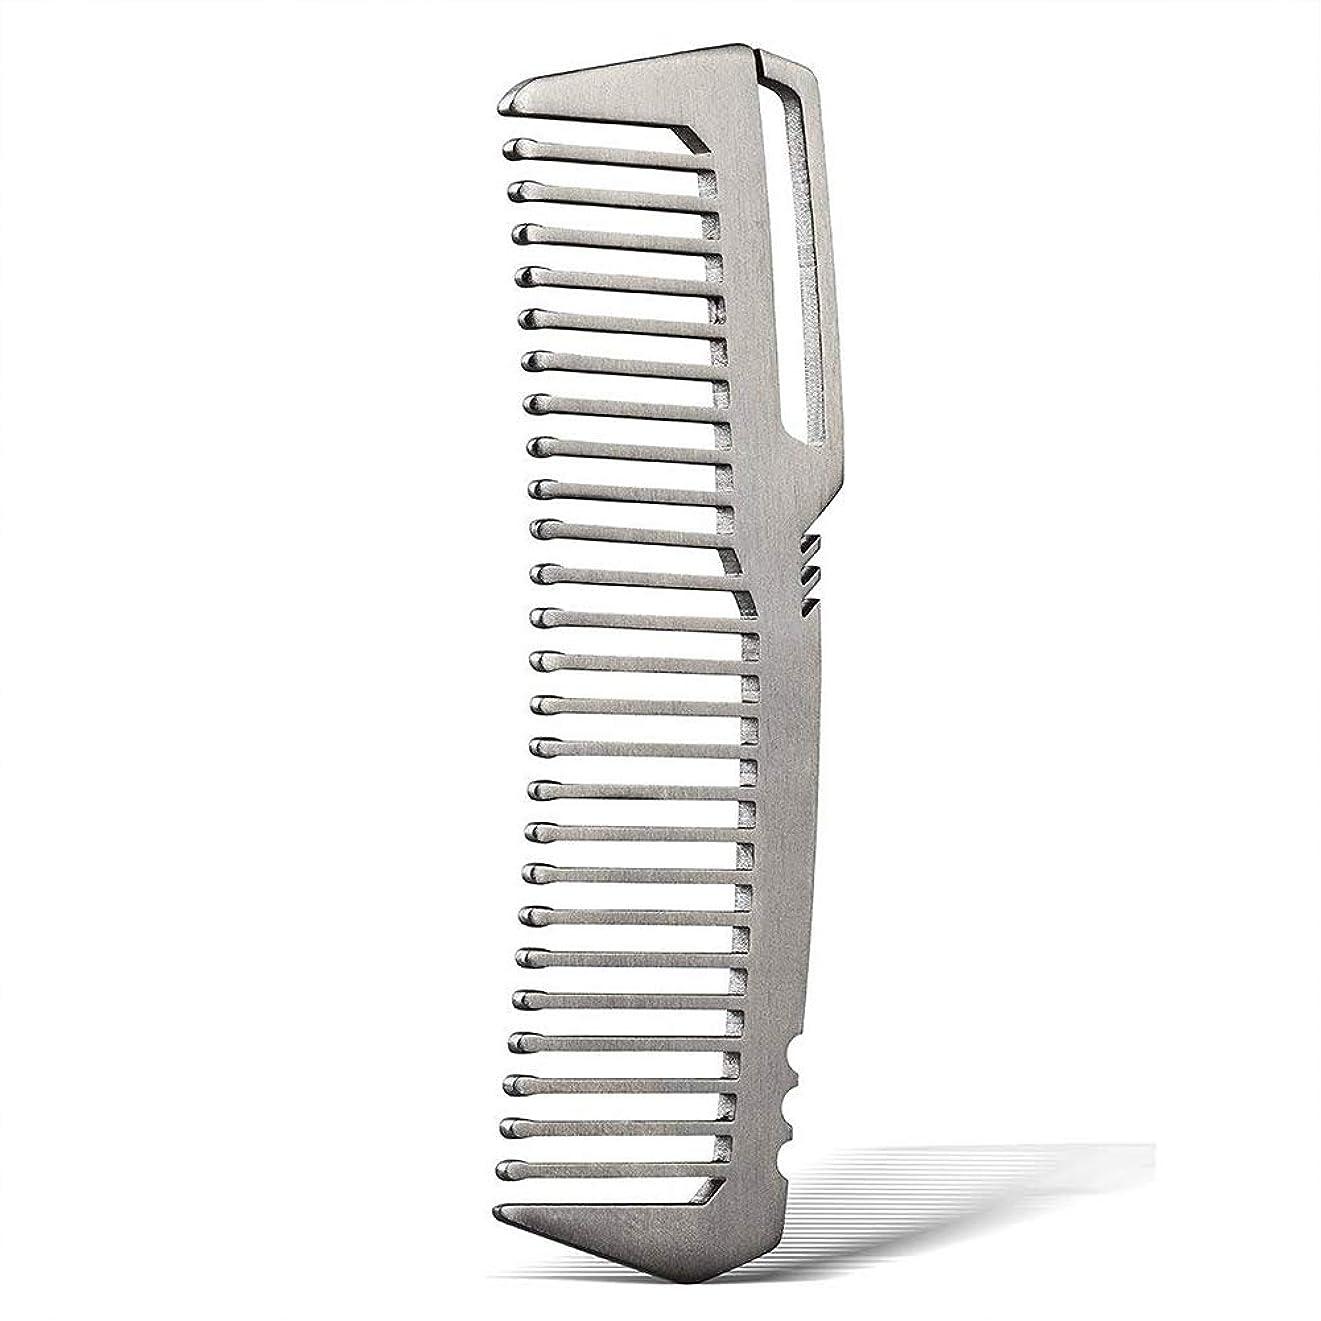 地雷原うめきカセットヘアコーム 軽量携帯型コーム 手作り櫛 チタン製ミニヘアコーム 静電気防止可能 ポケットに収納可くし 高級エコ 耐久性あり 10㎝